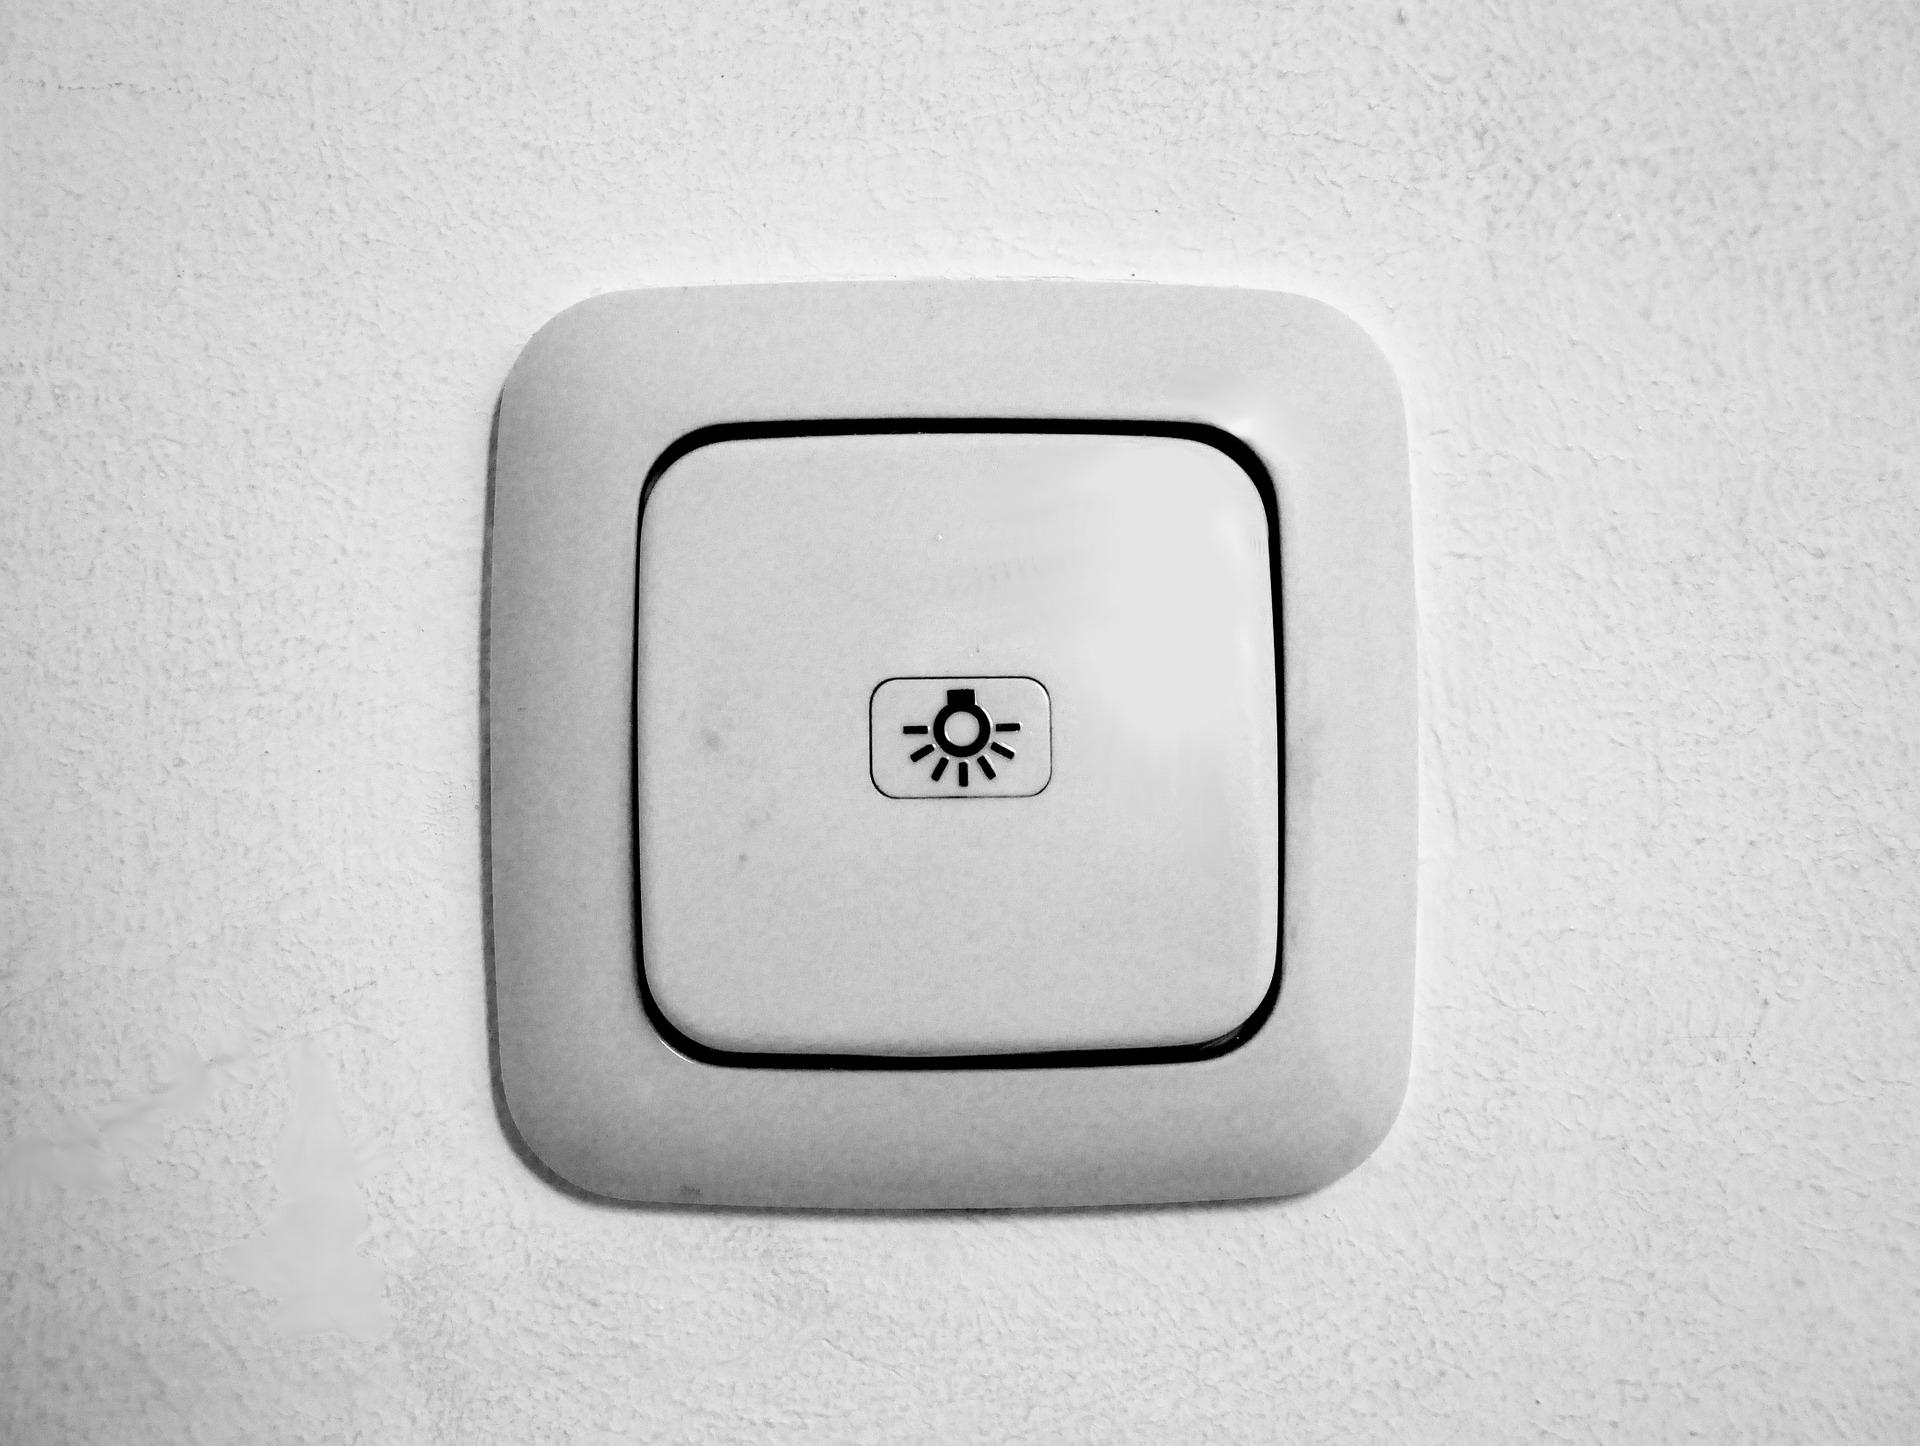 Signes d'avertissement d'interrupteurs muraux défectueux